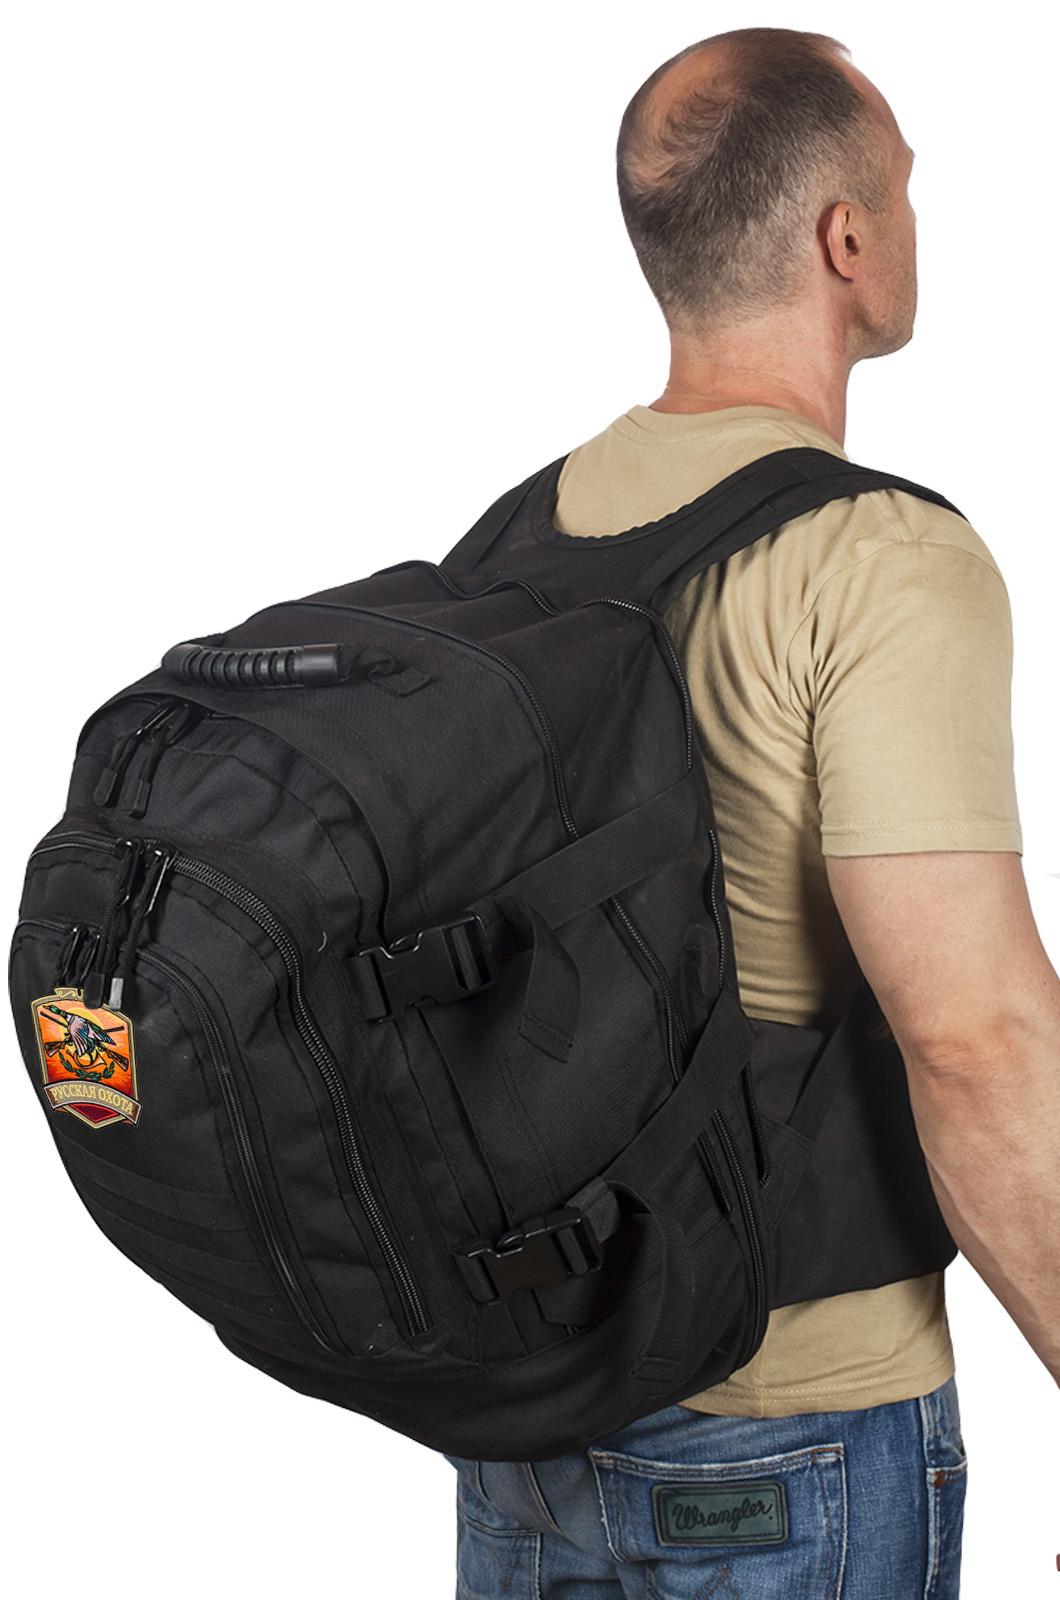 Темный трехдневный рюкзак с нашивкой Русская Охота - купить по низкой цене